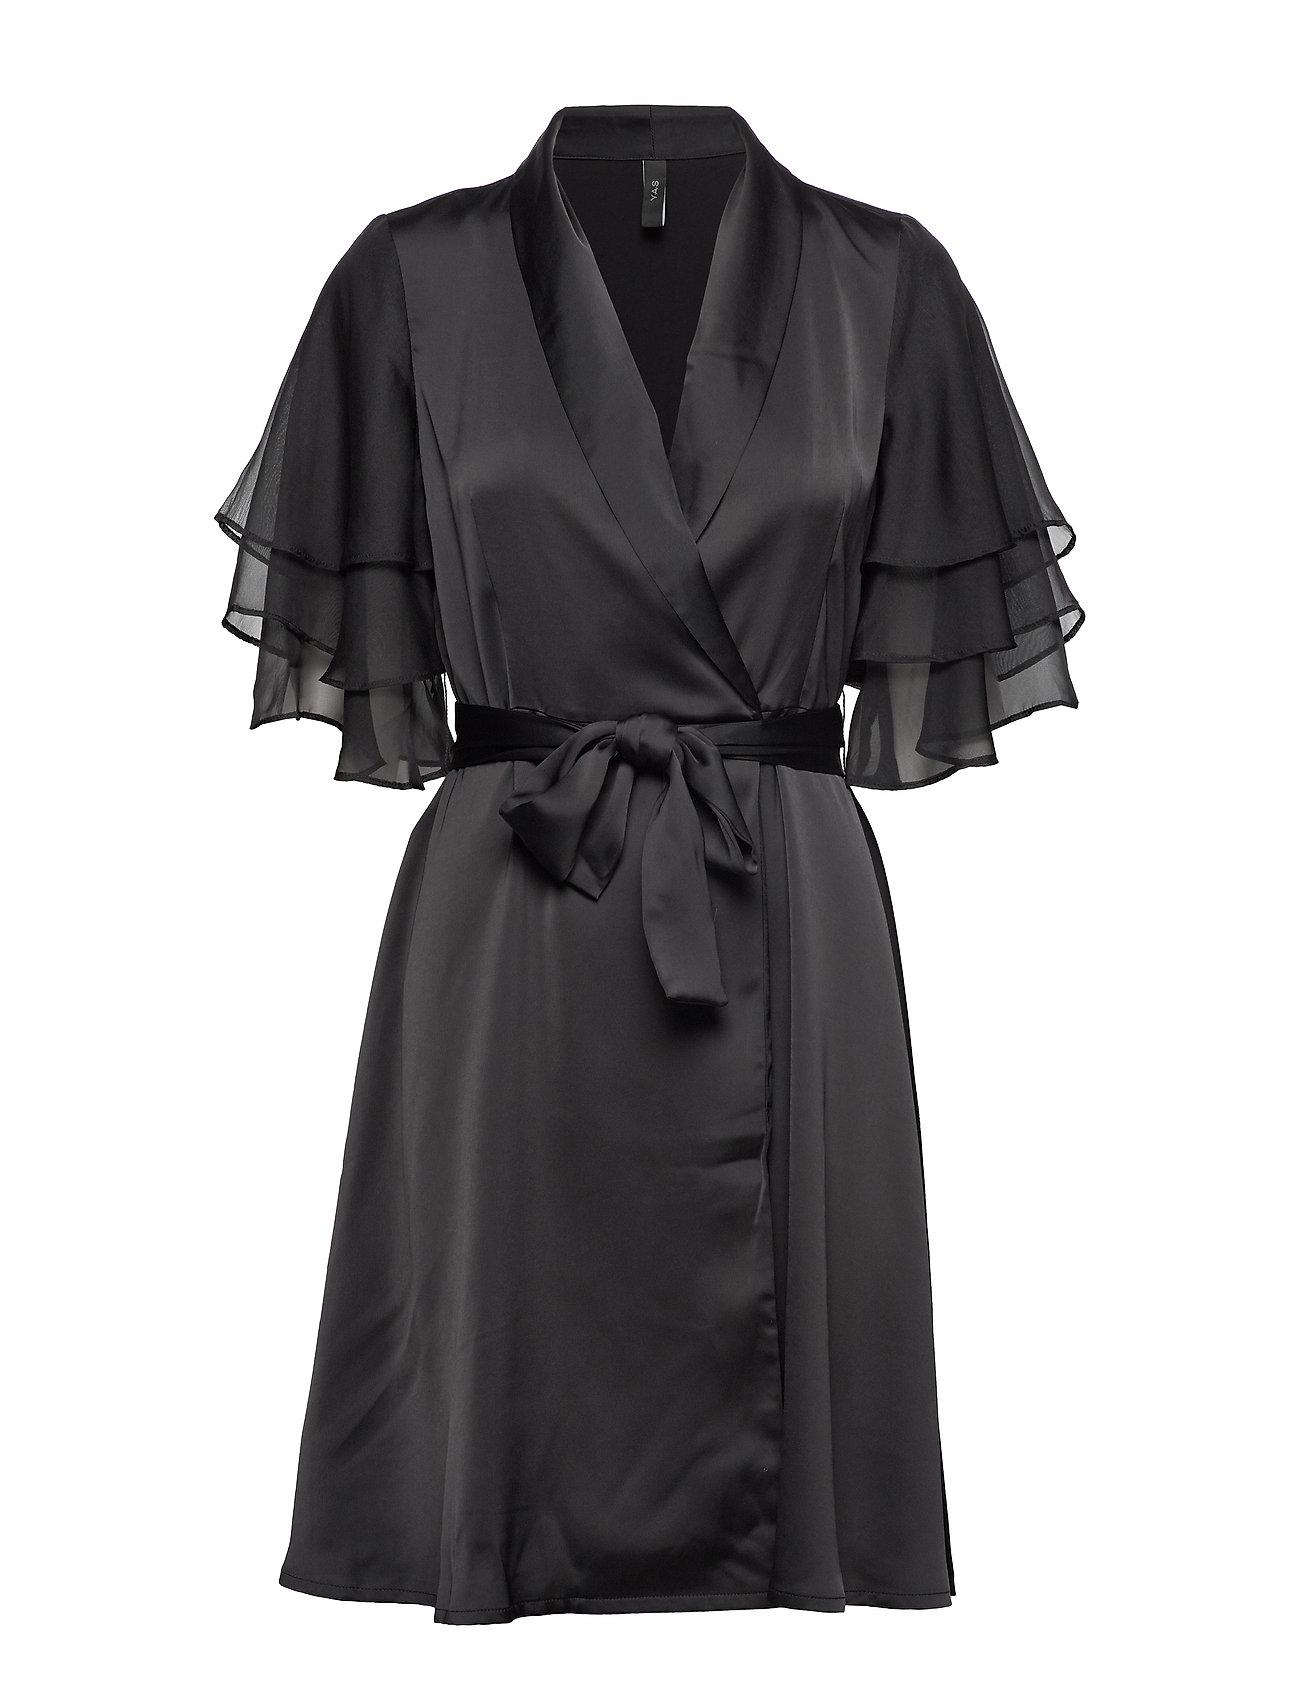 YAS YASABIGAIL SS DRESS - BLACK